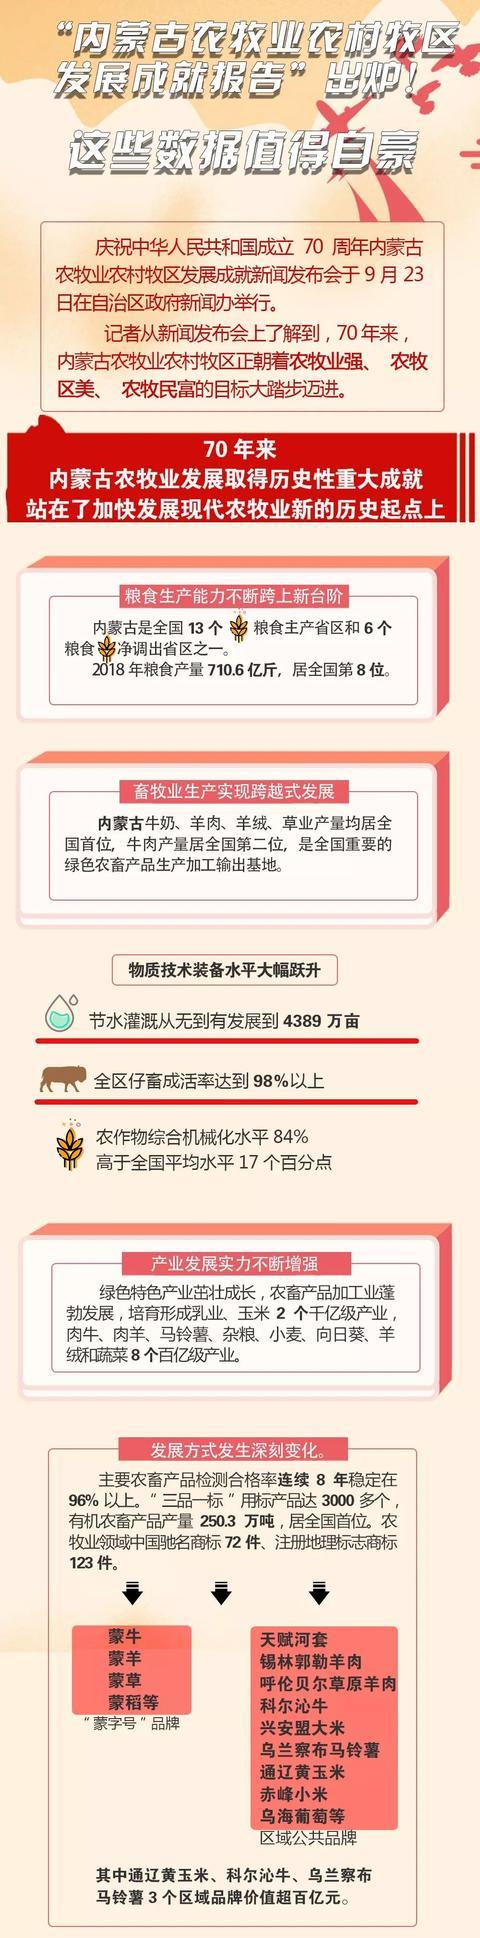 """""""内蒙古农牧业农村牧区发展成就报告""""出炉!这些数据值得自豪"""